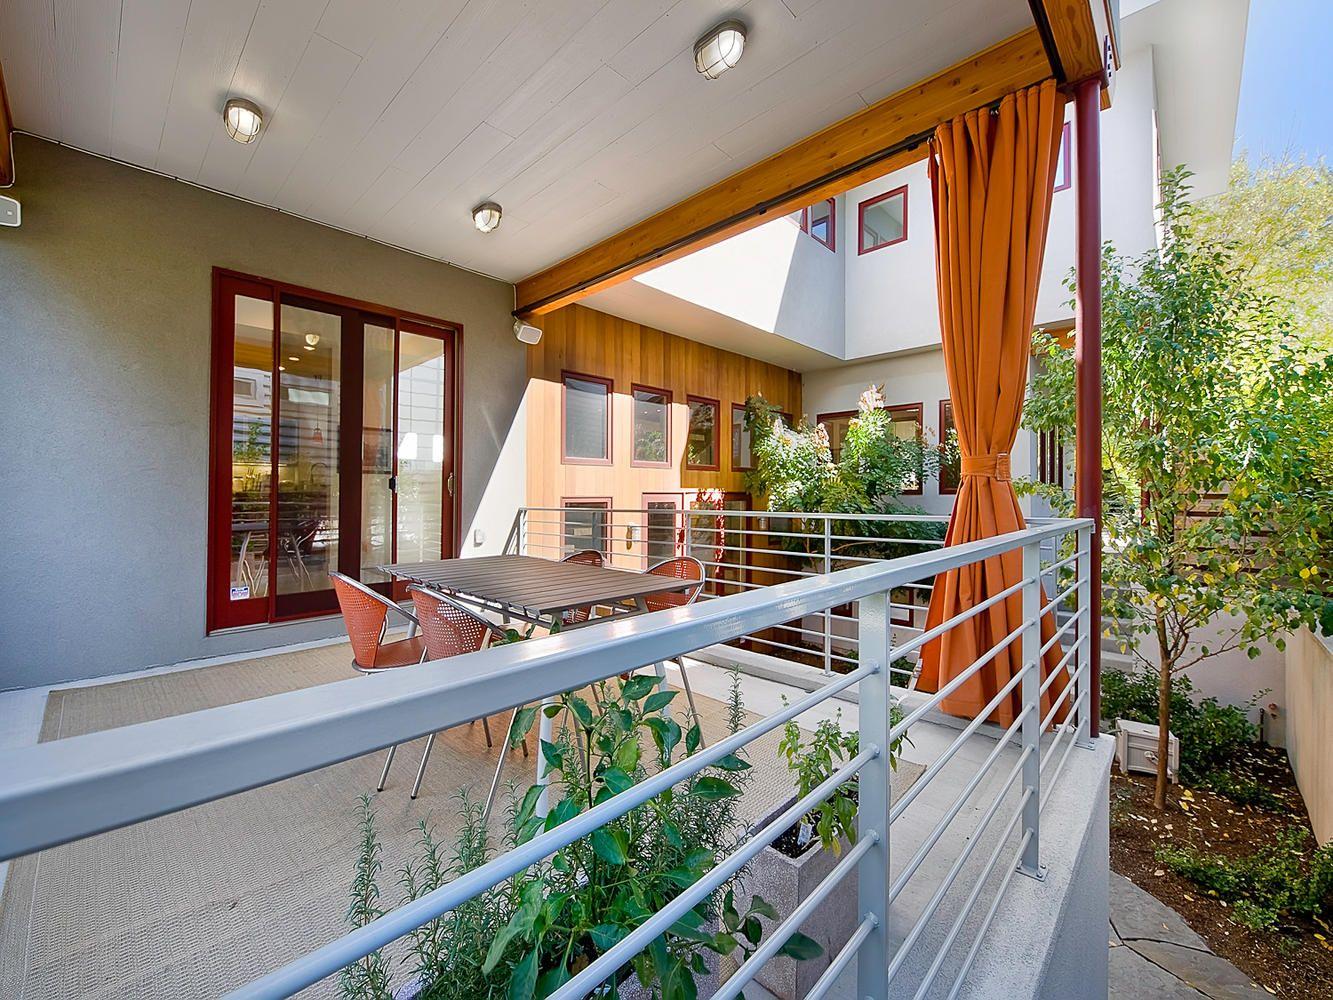 объявлений фото балкон частного дома второй этаж максим вызволяет его